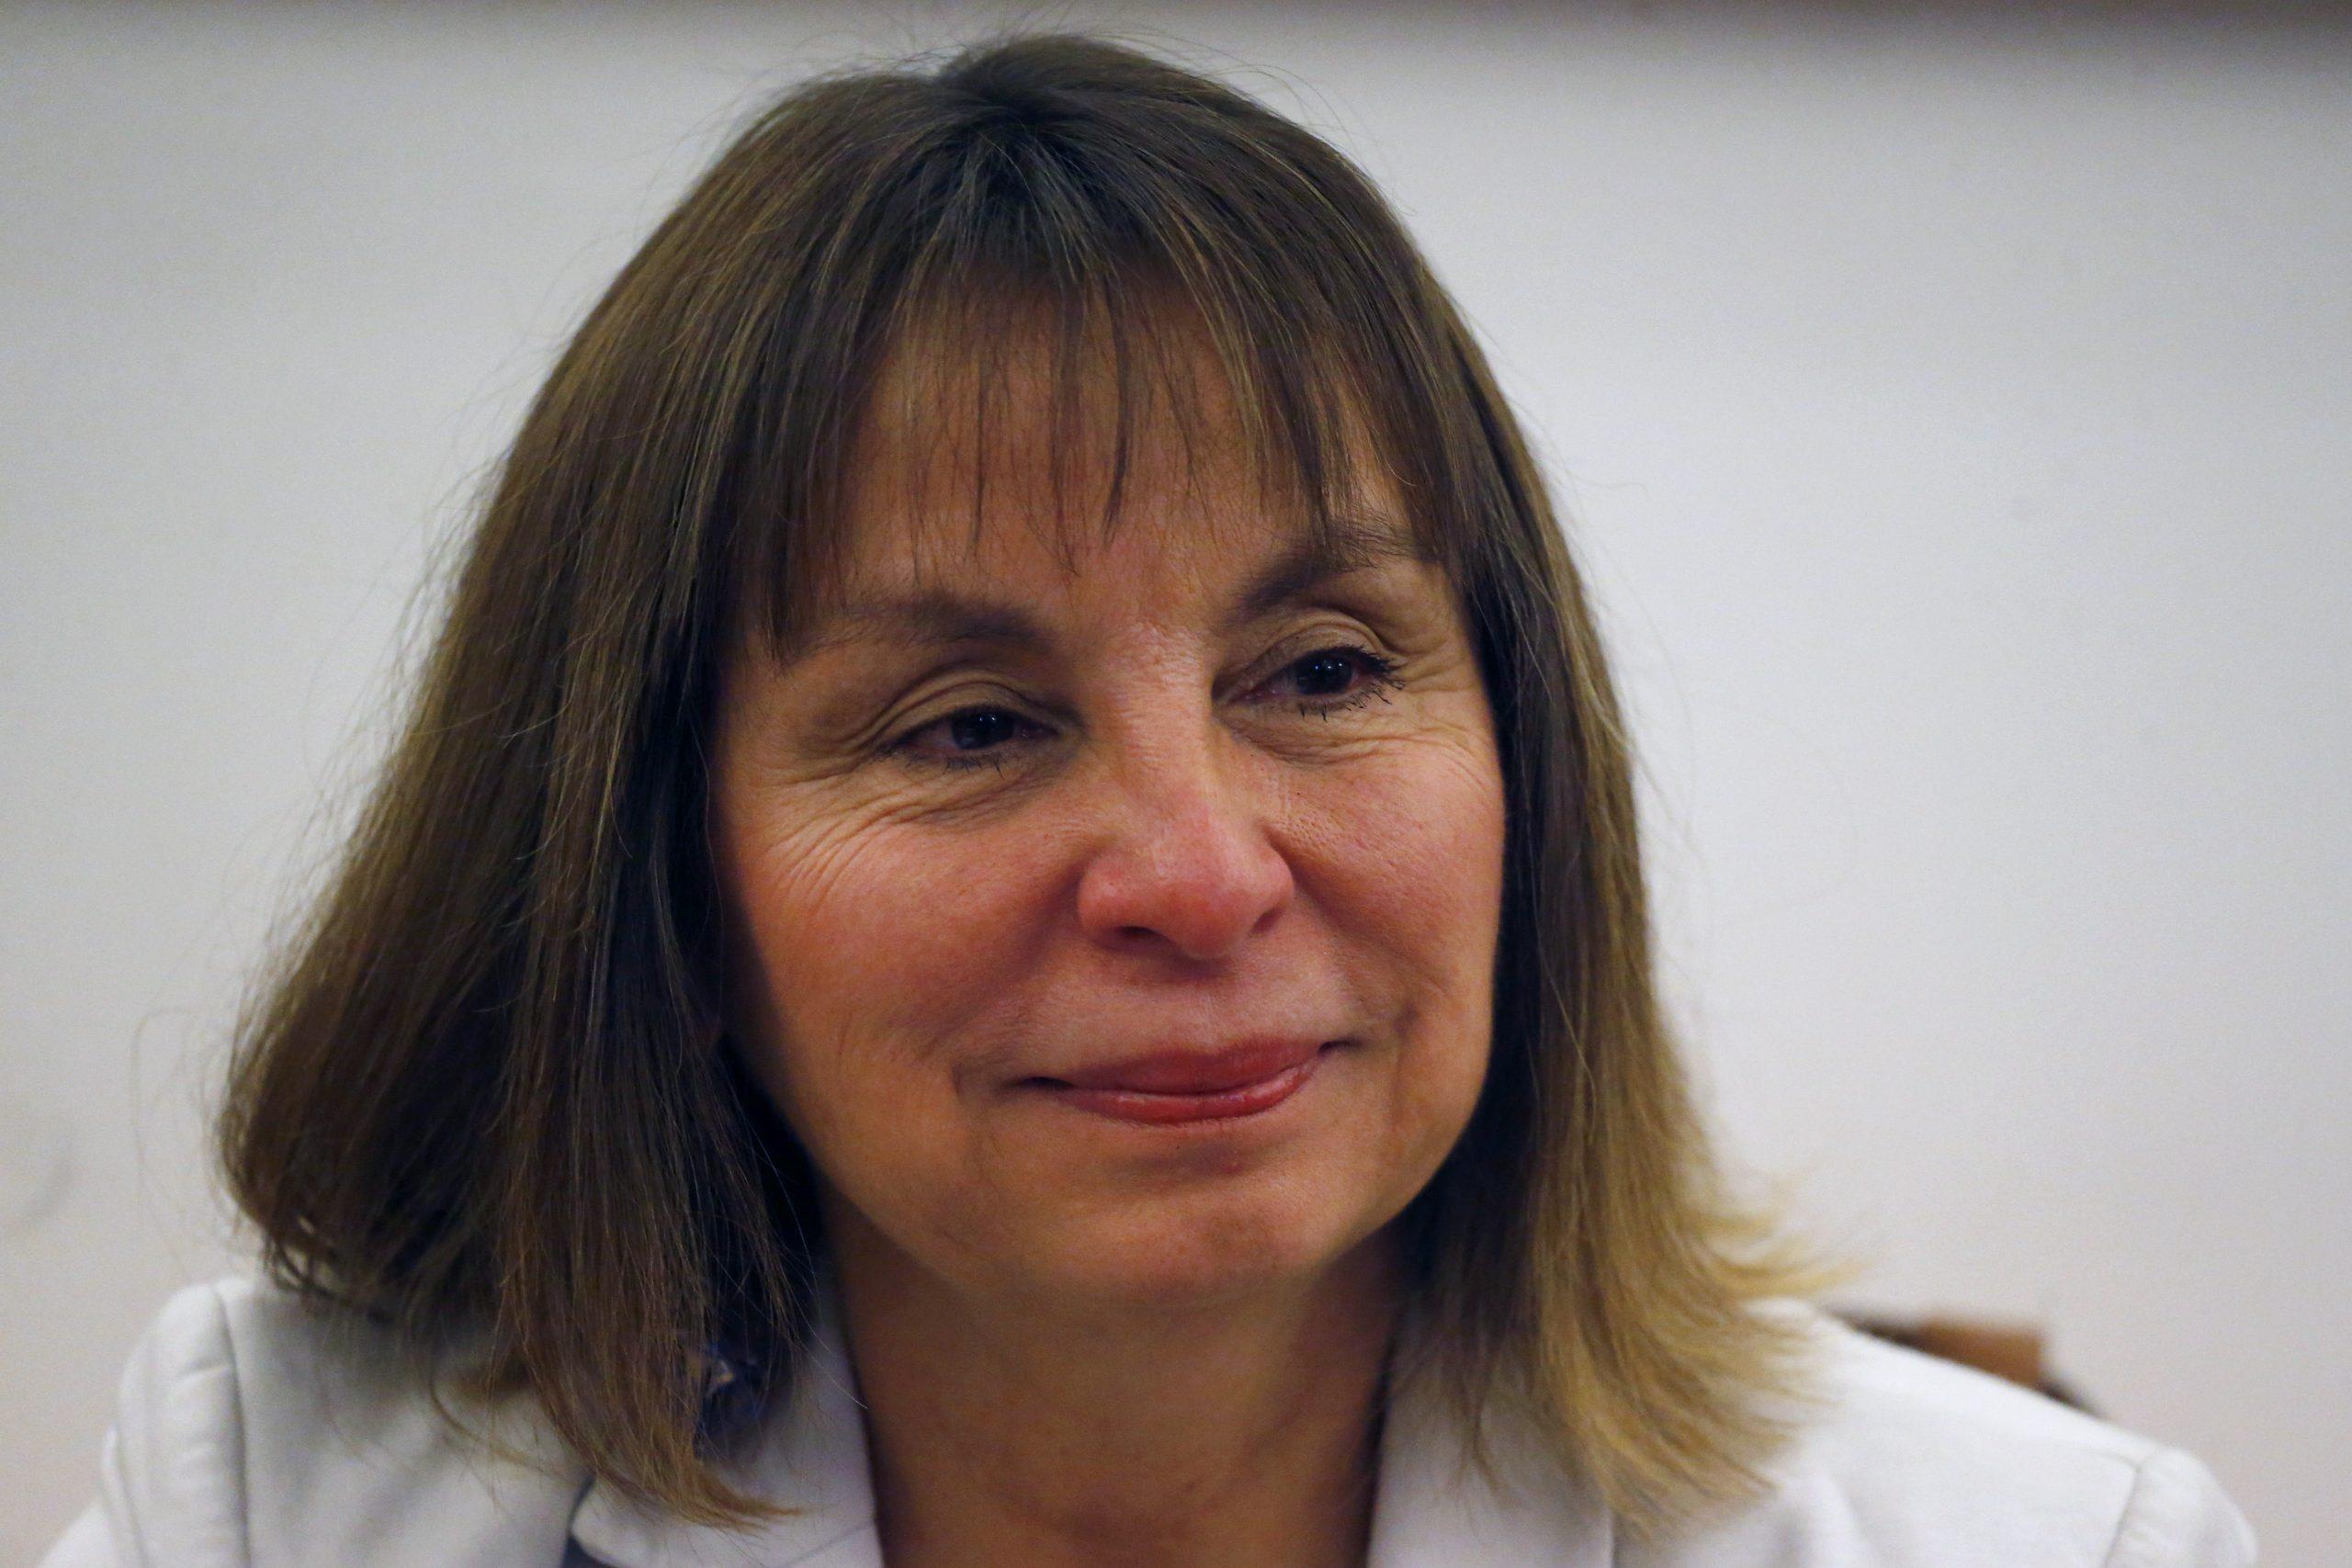 Jeanette Vega